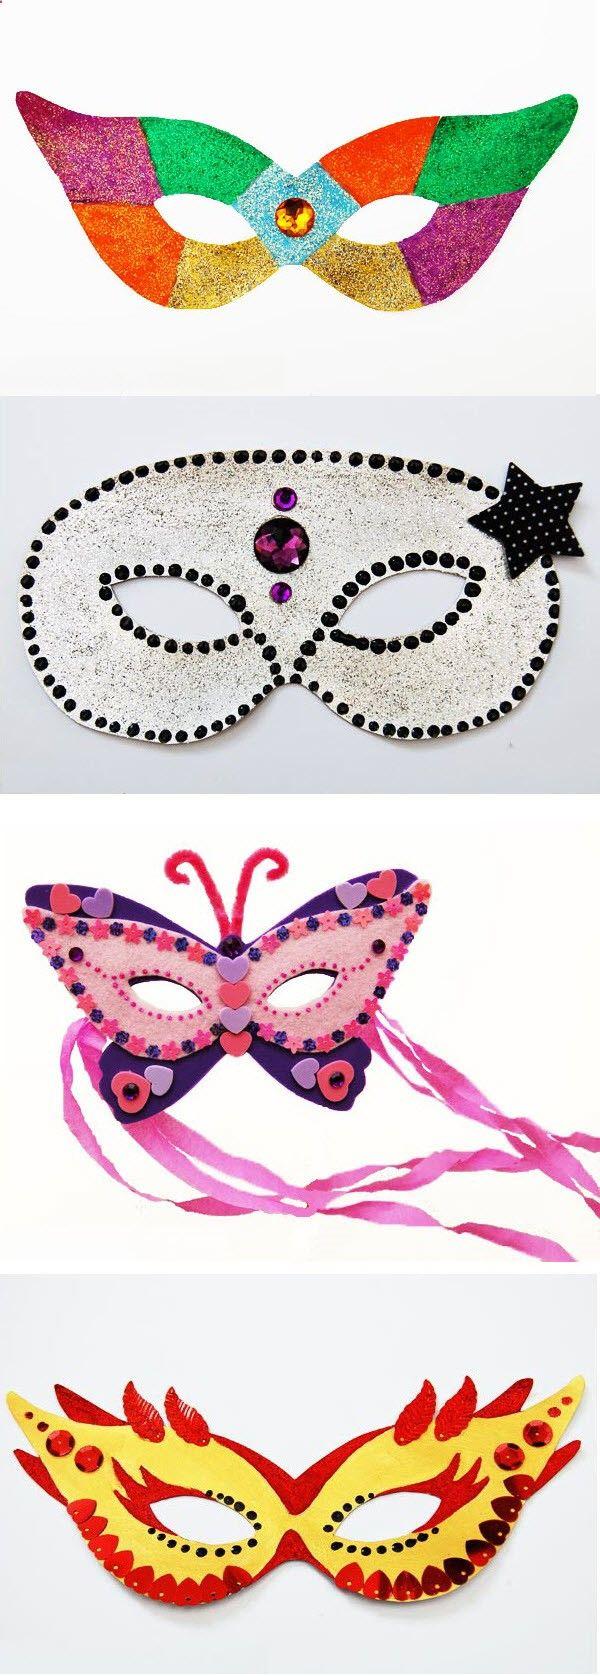 masques carnaval faire soi meme patron a imprimer free imprintable